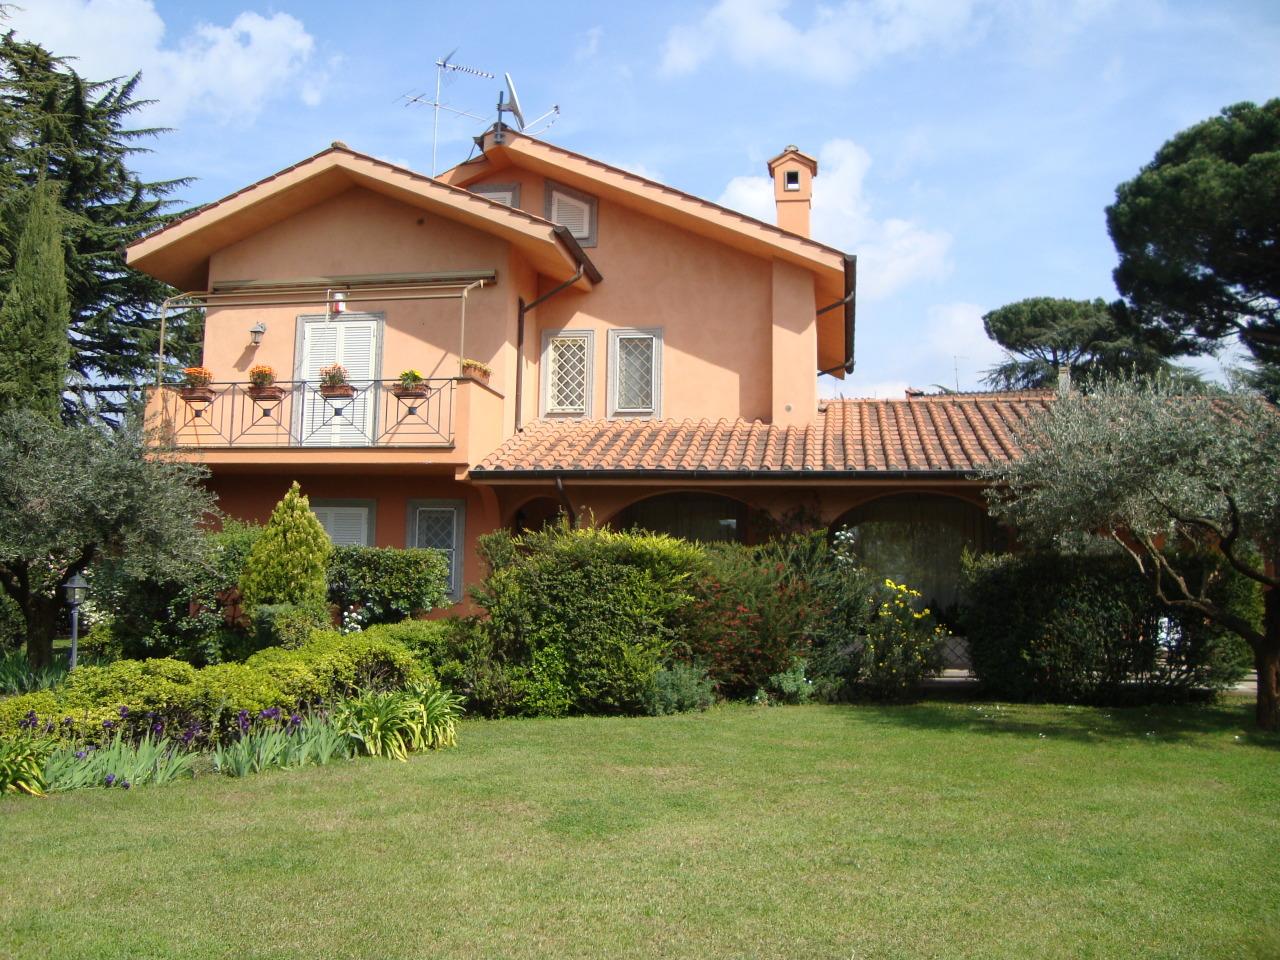 Villa in vendita a Grottaferrata, 11 locali, prezzo € 1.280.000 | CambioCasa.it